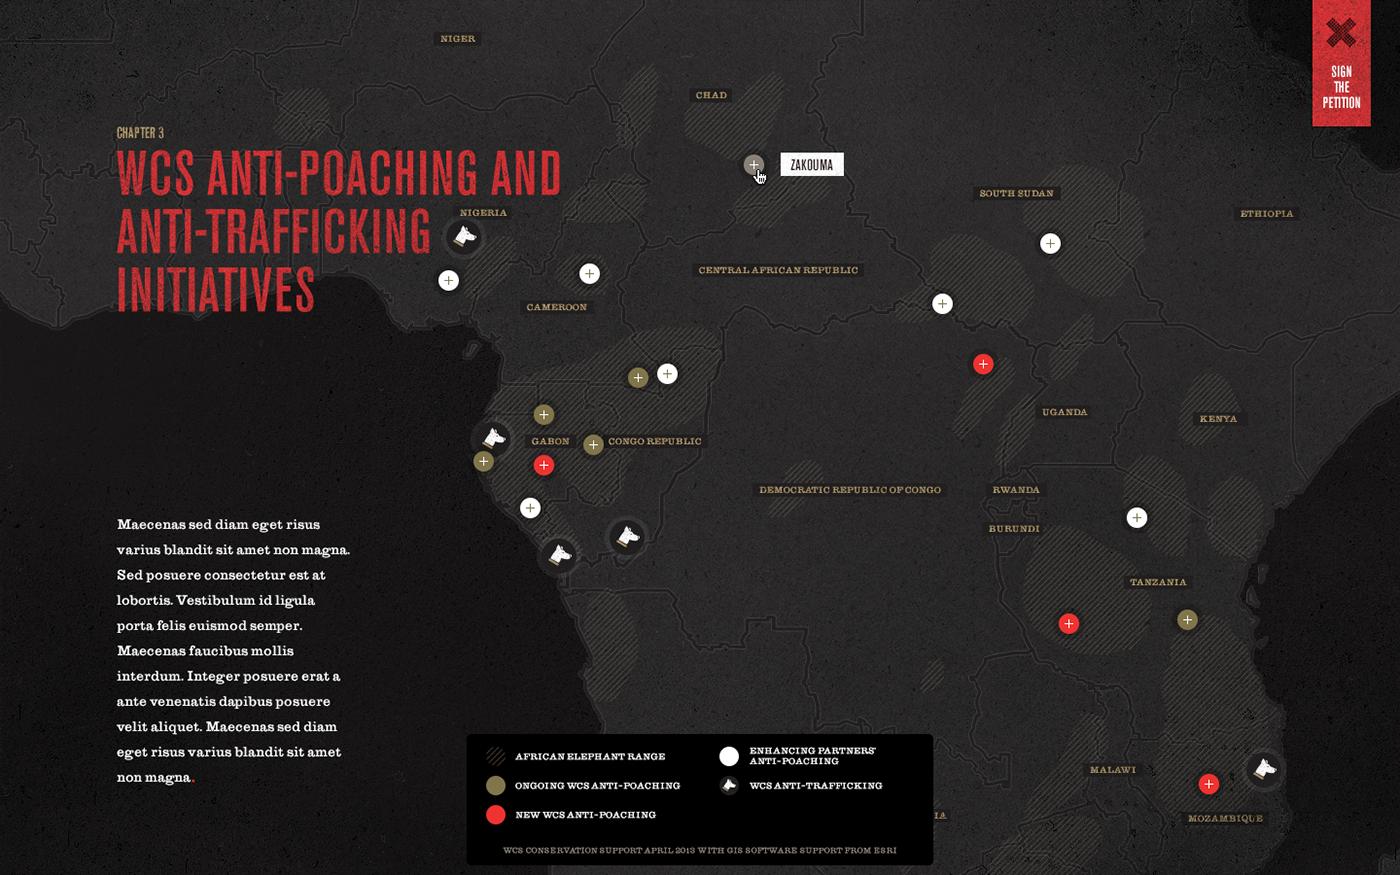 96 Elephants Ninety-six Elephants non-profit conservation wildlife elephant save NGO Website black and white red design